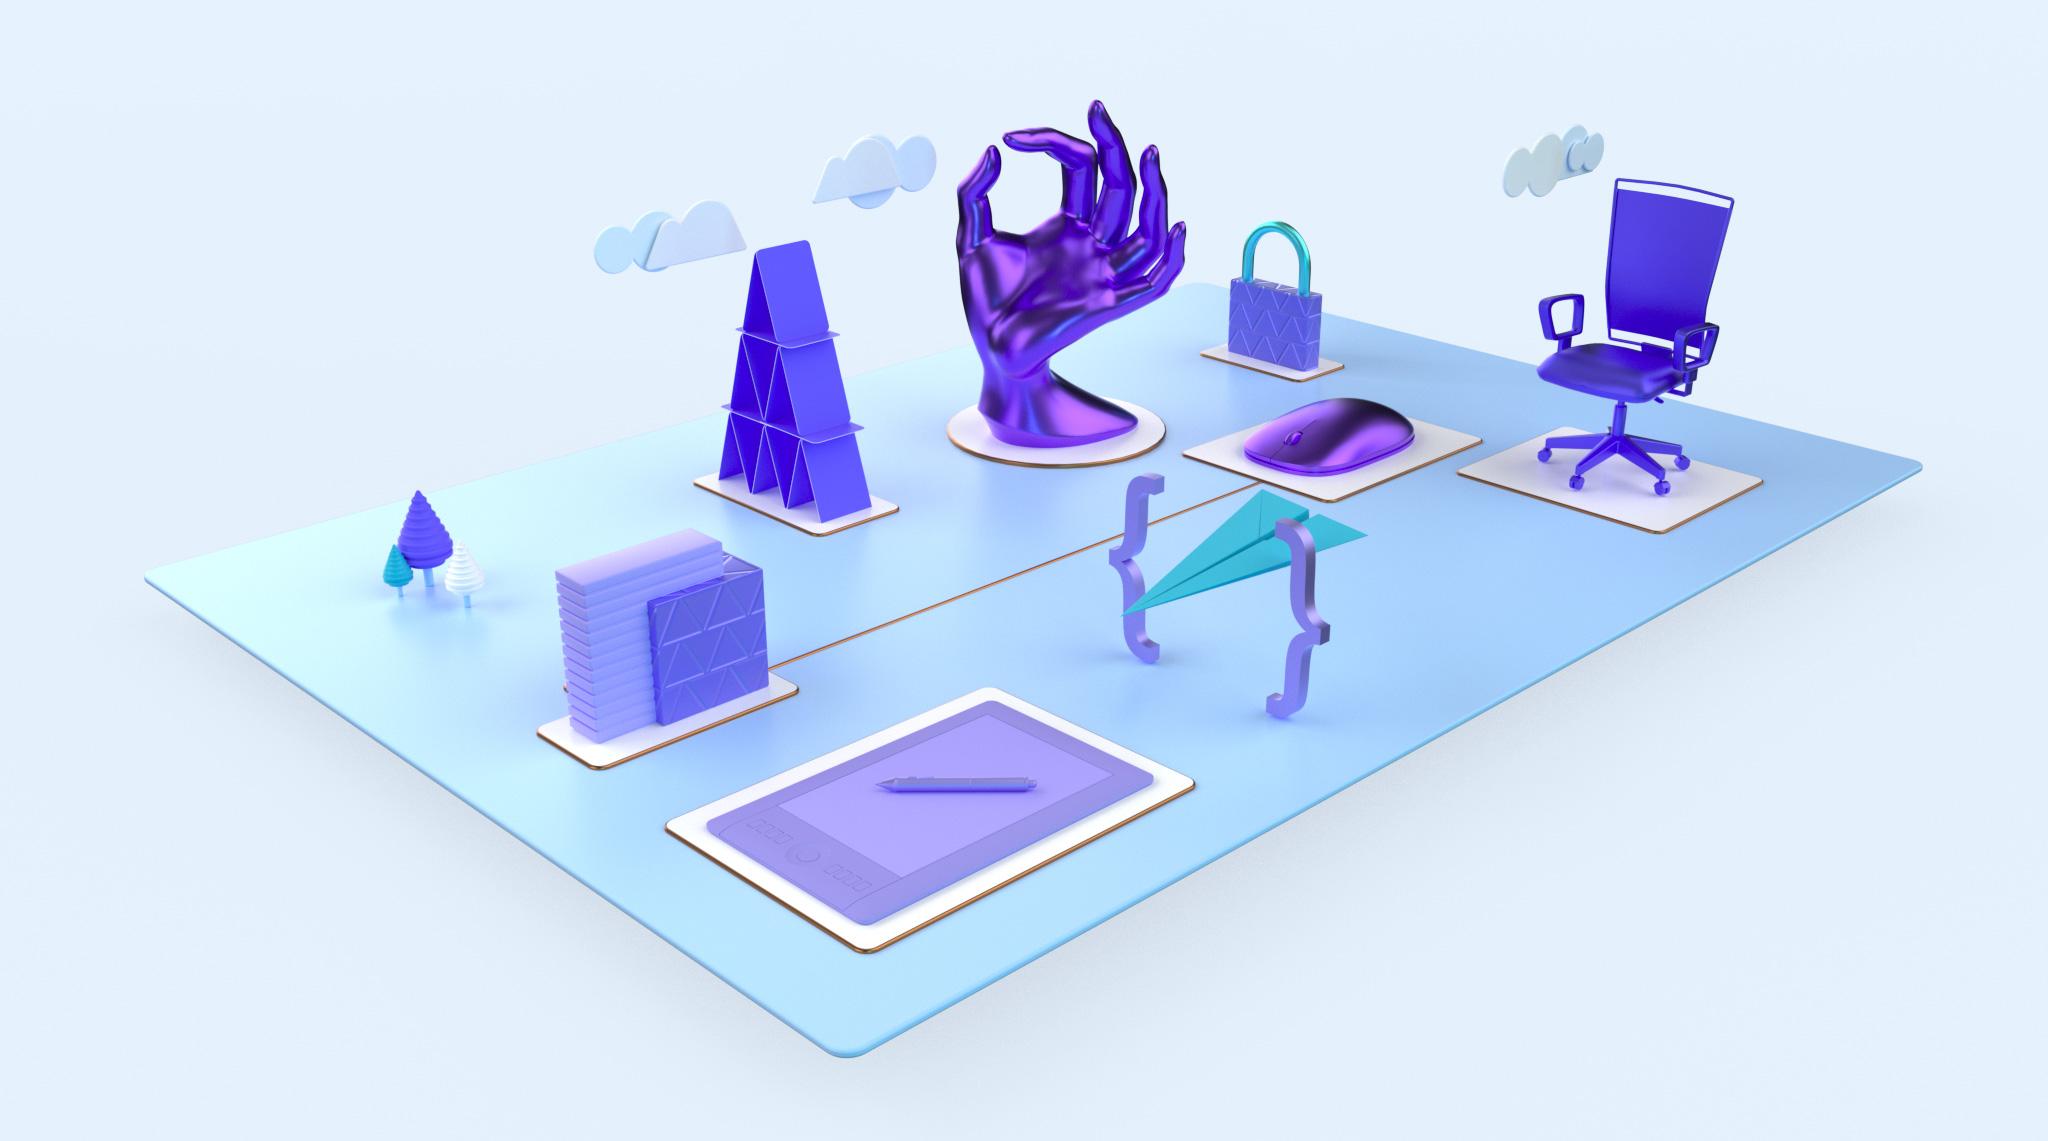 3D render of website design assets and inspiration.